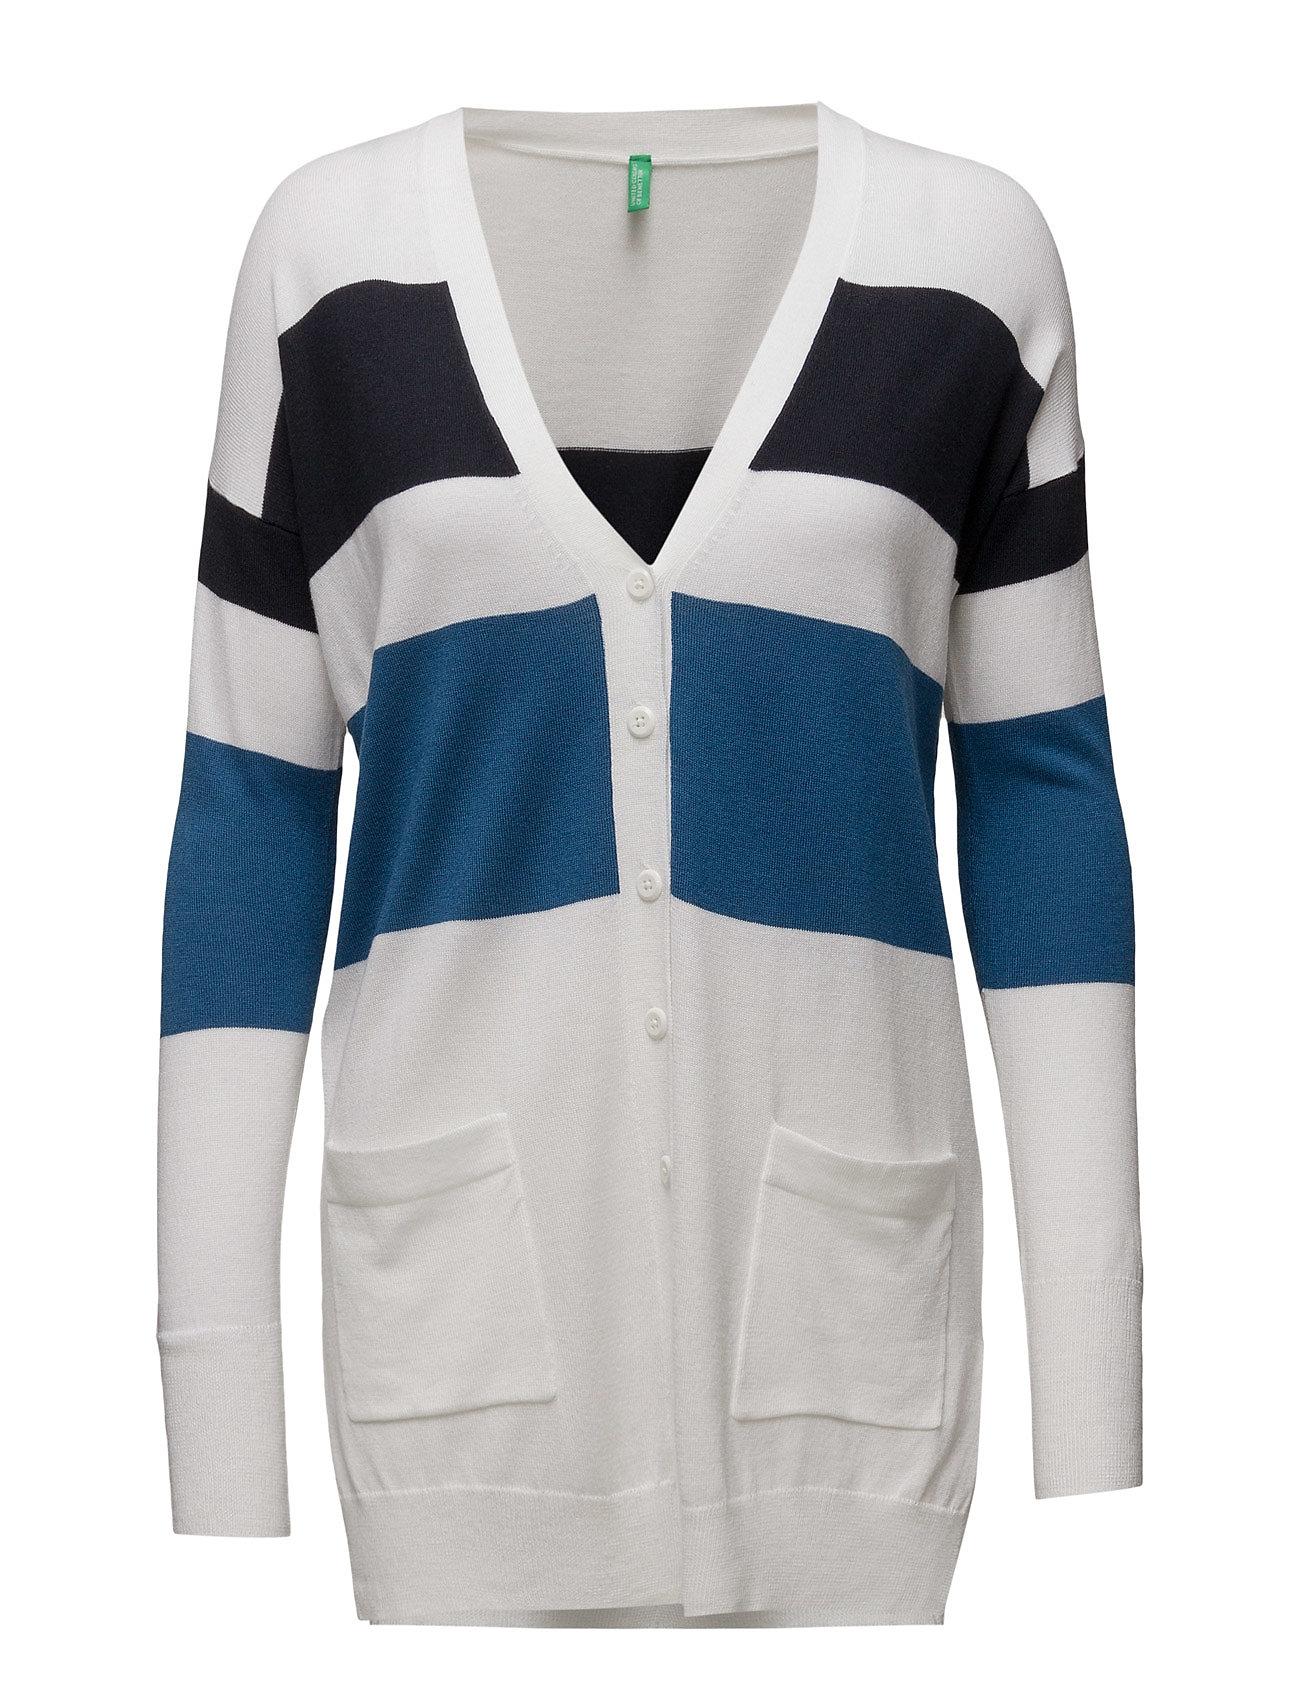 L/S Cardigan United Colors of Benetton Cardigans til Damer i